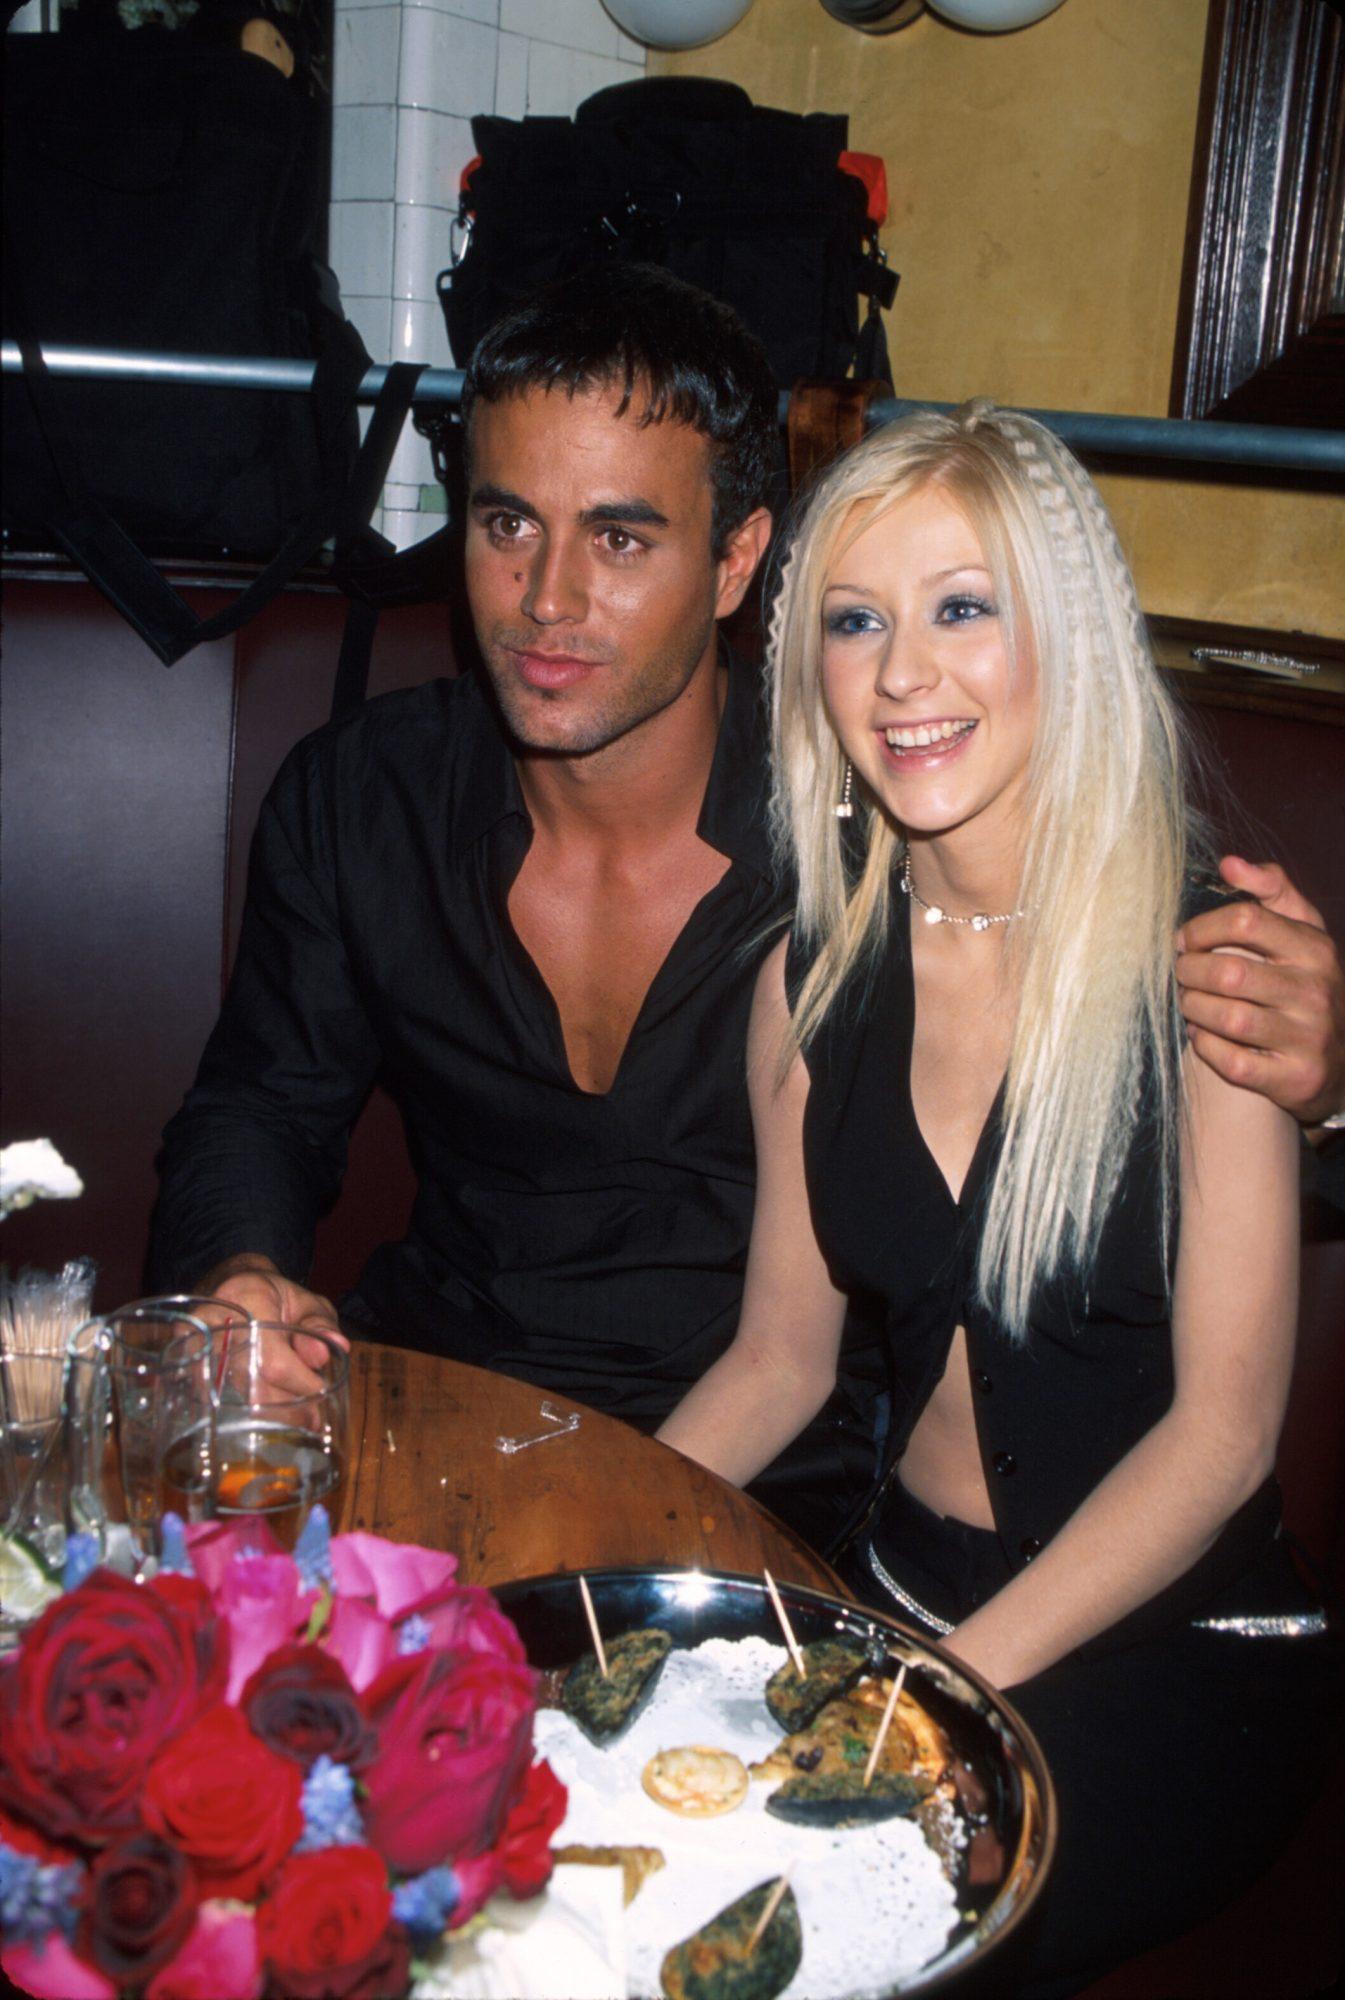 ¡Al cantante español le gustan güeras! Y según el runrún por ahí del 2000, Cupido los flechó con fuerza en un apasionado romance que ellos nunca han confirmado… o negado.